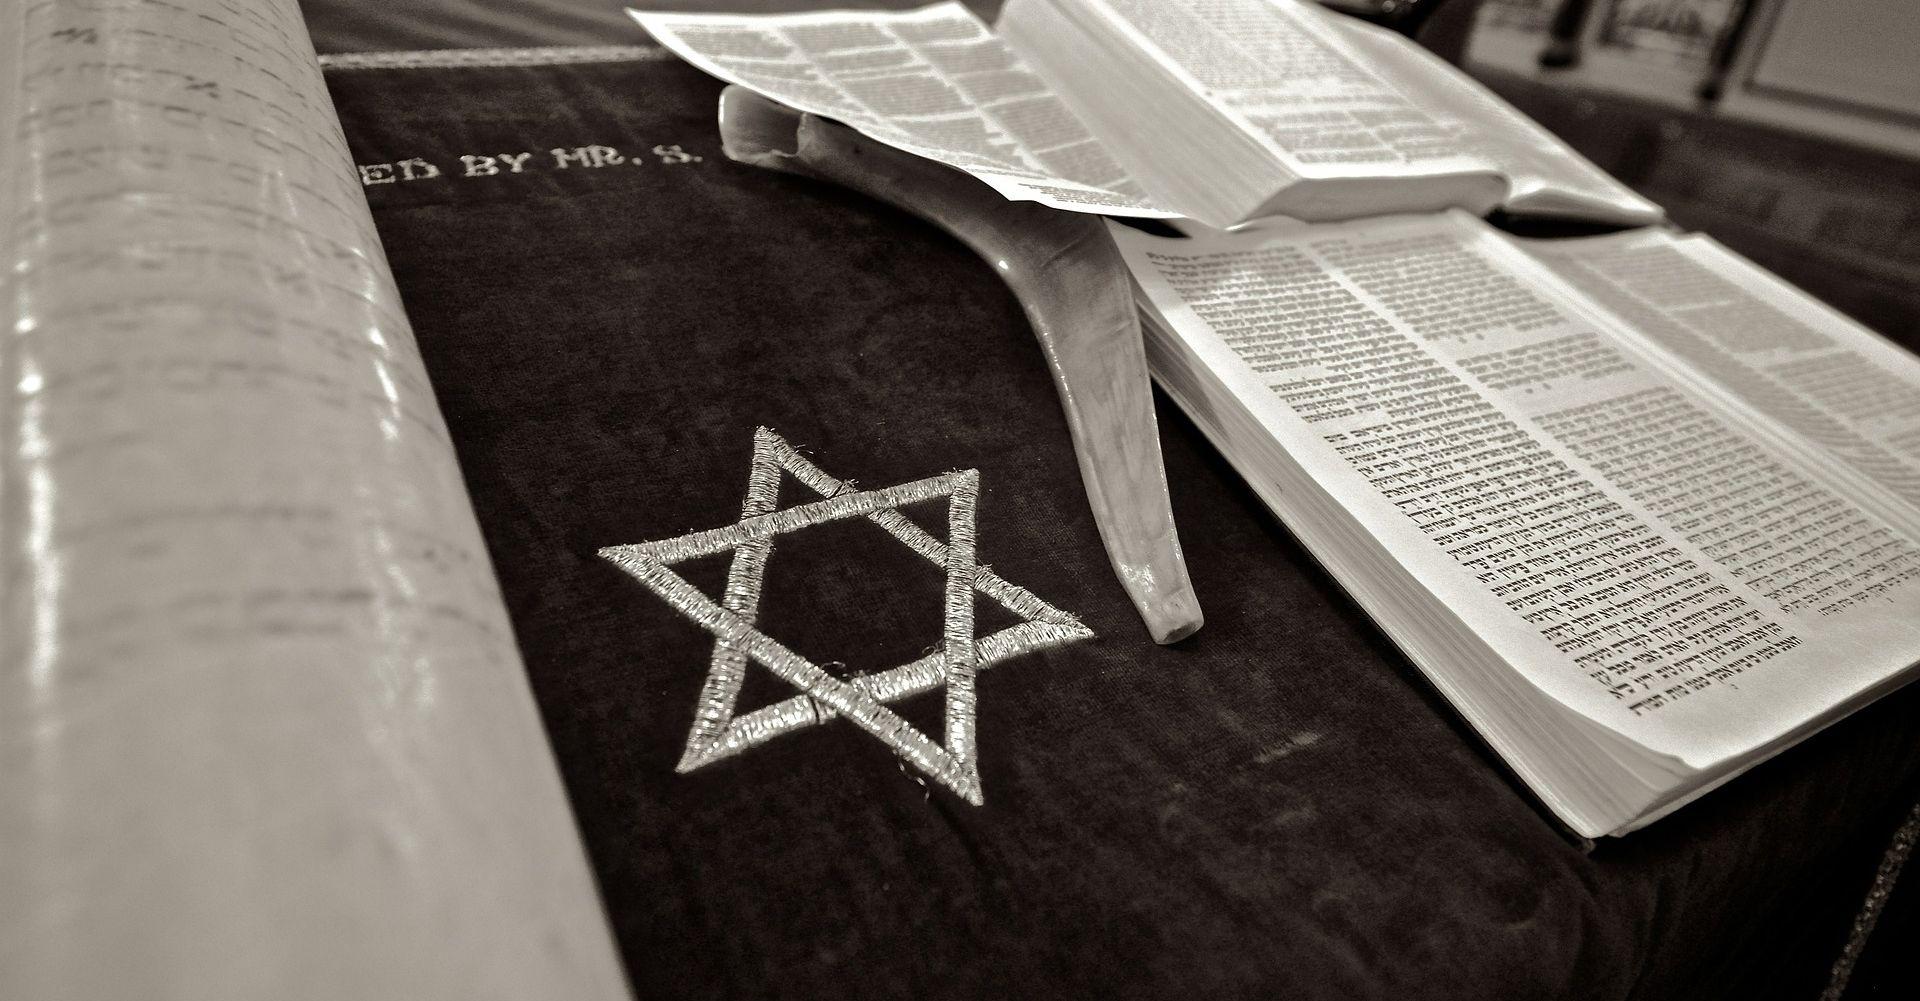 Ukrajina obilježava 75. obljetnicu pokolja židova u Babi Jaru